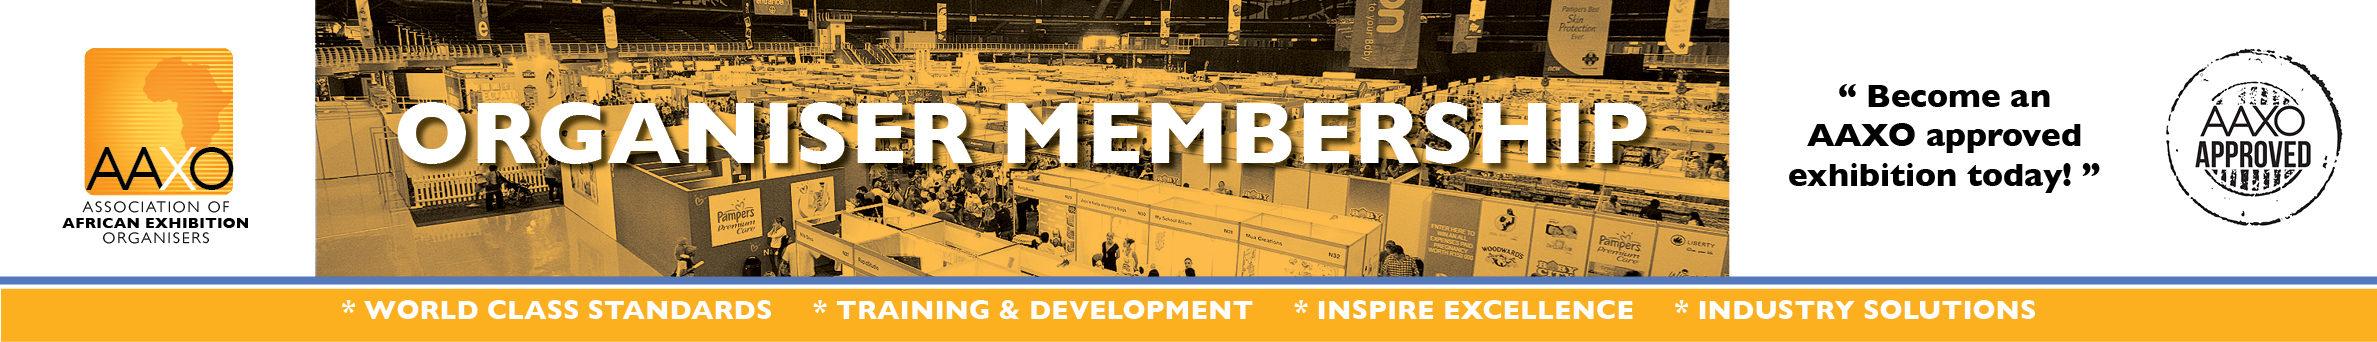 AAXO Organiser membership